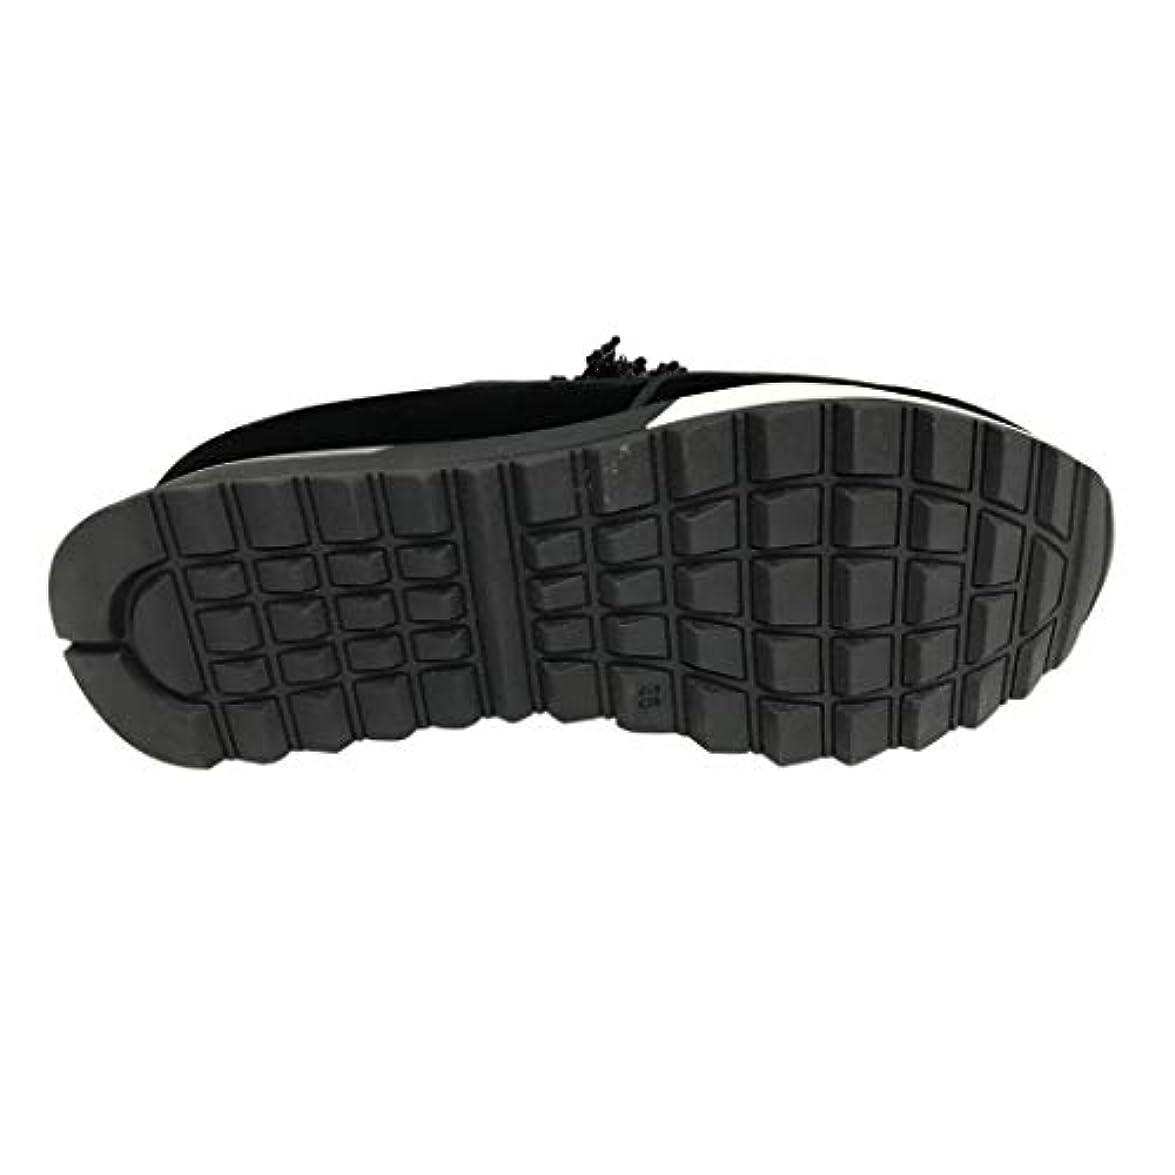 Jeannot Sneakers Donna In Camoscio Nero Con Applicazioni Zeppa Cm 3 Mod 71160 Made Italy